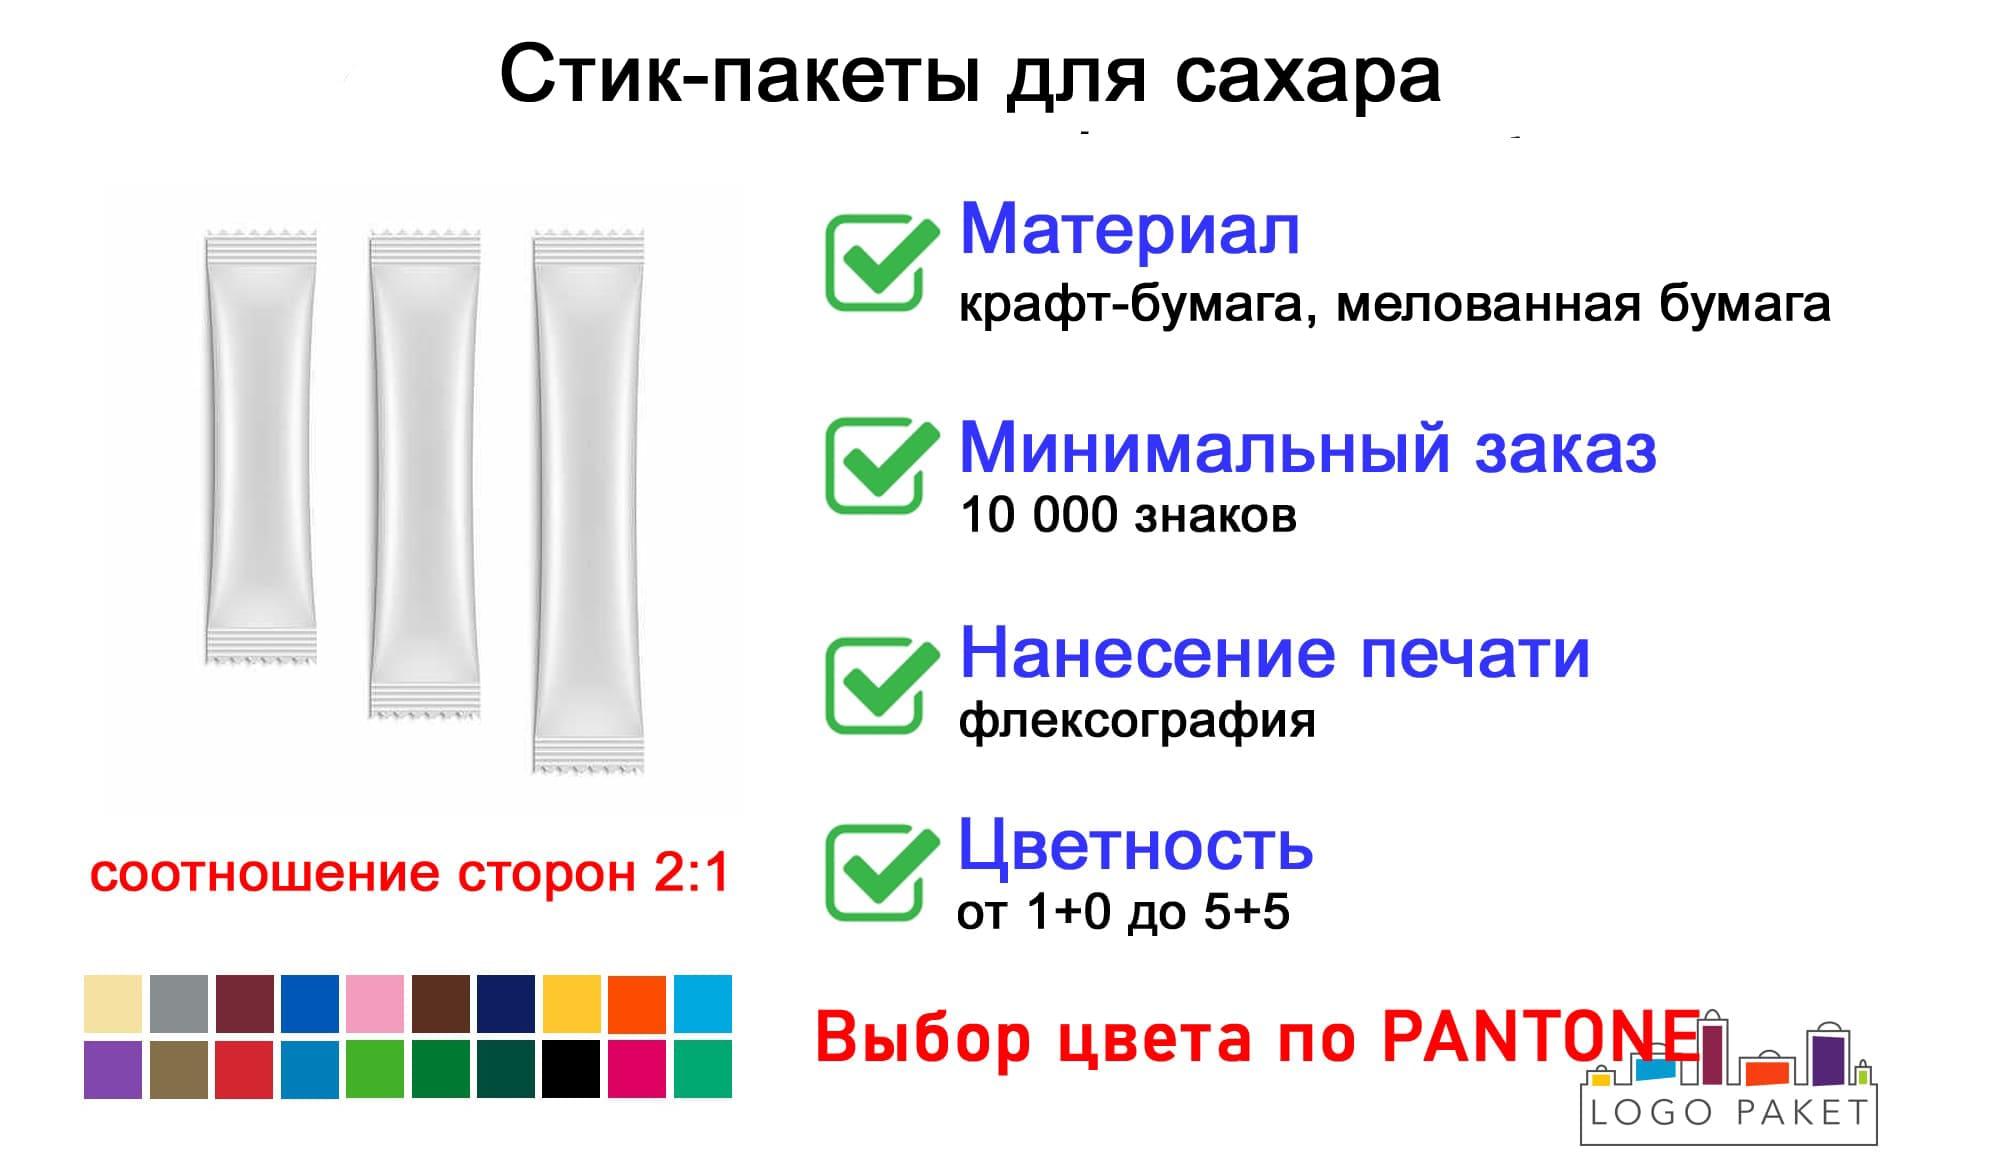 Стик-пакетики для сахара инфографика